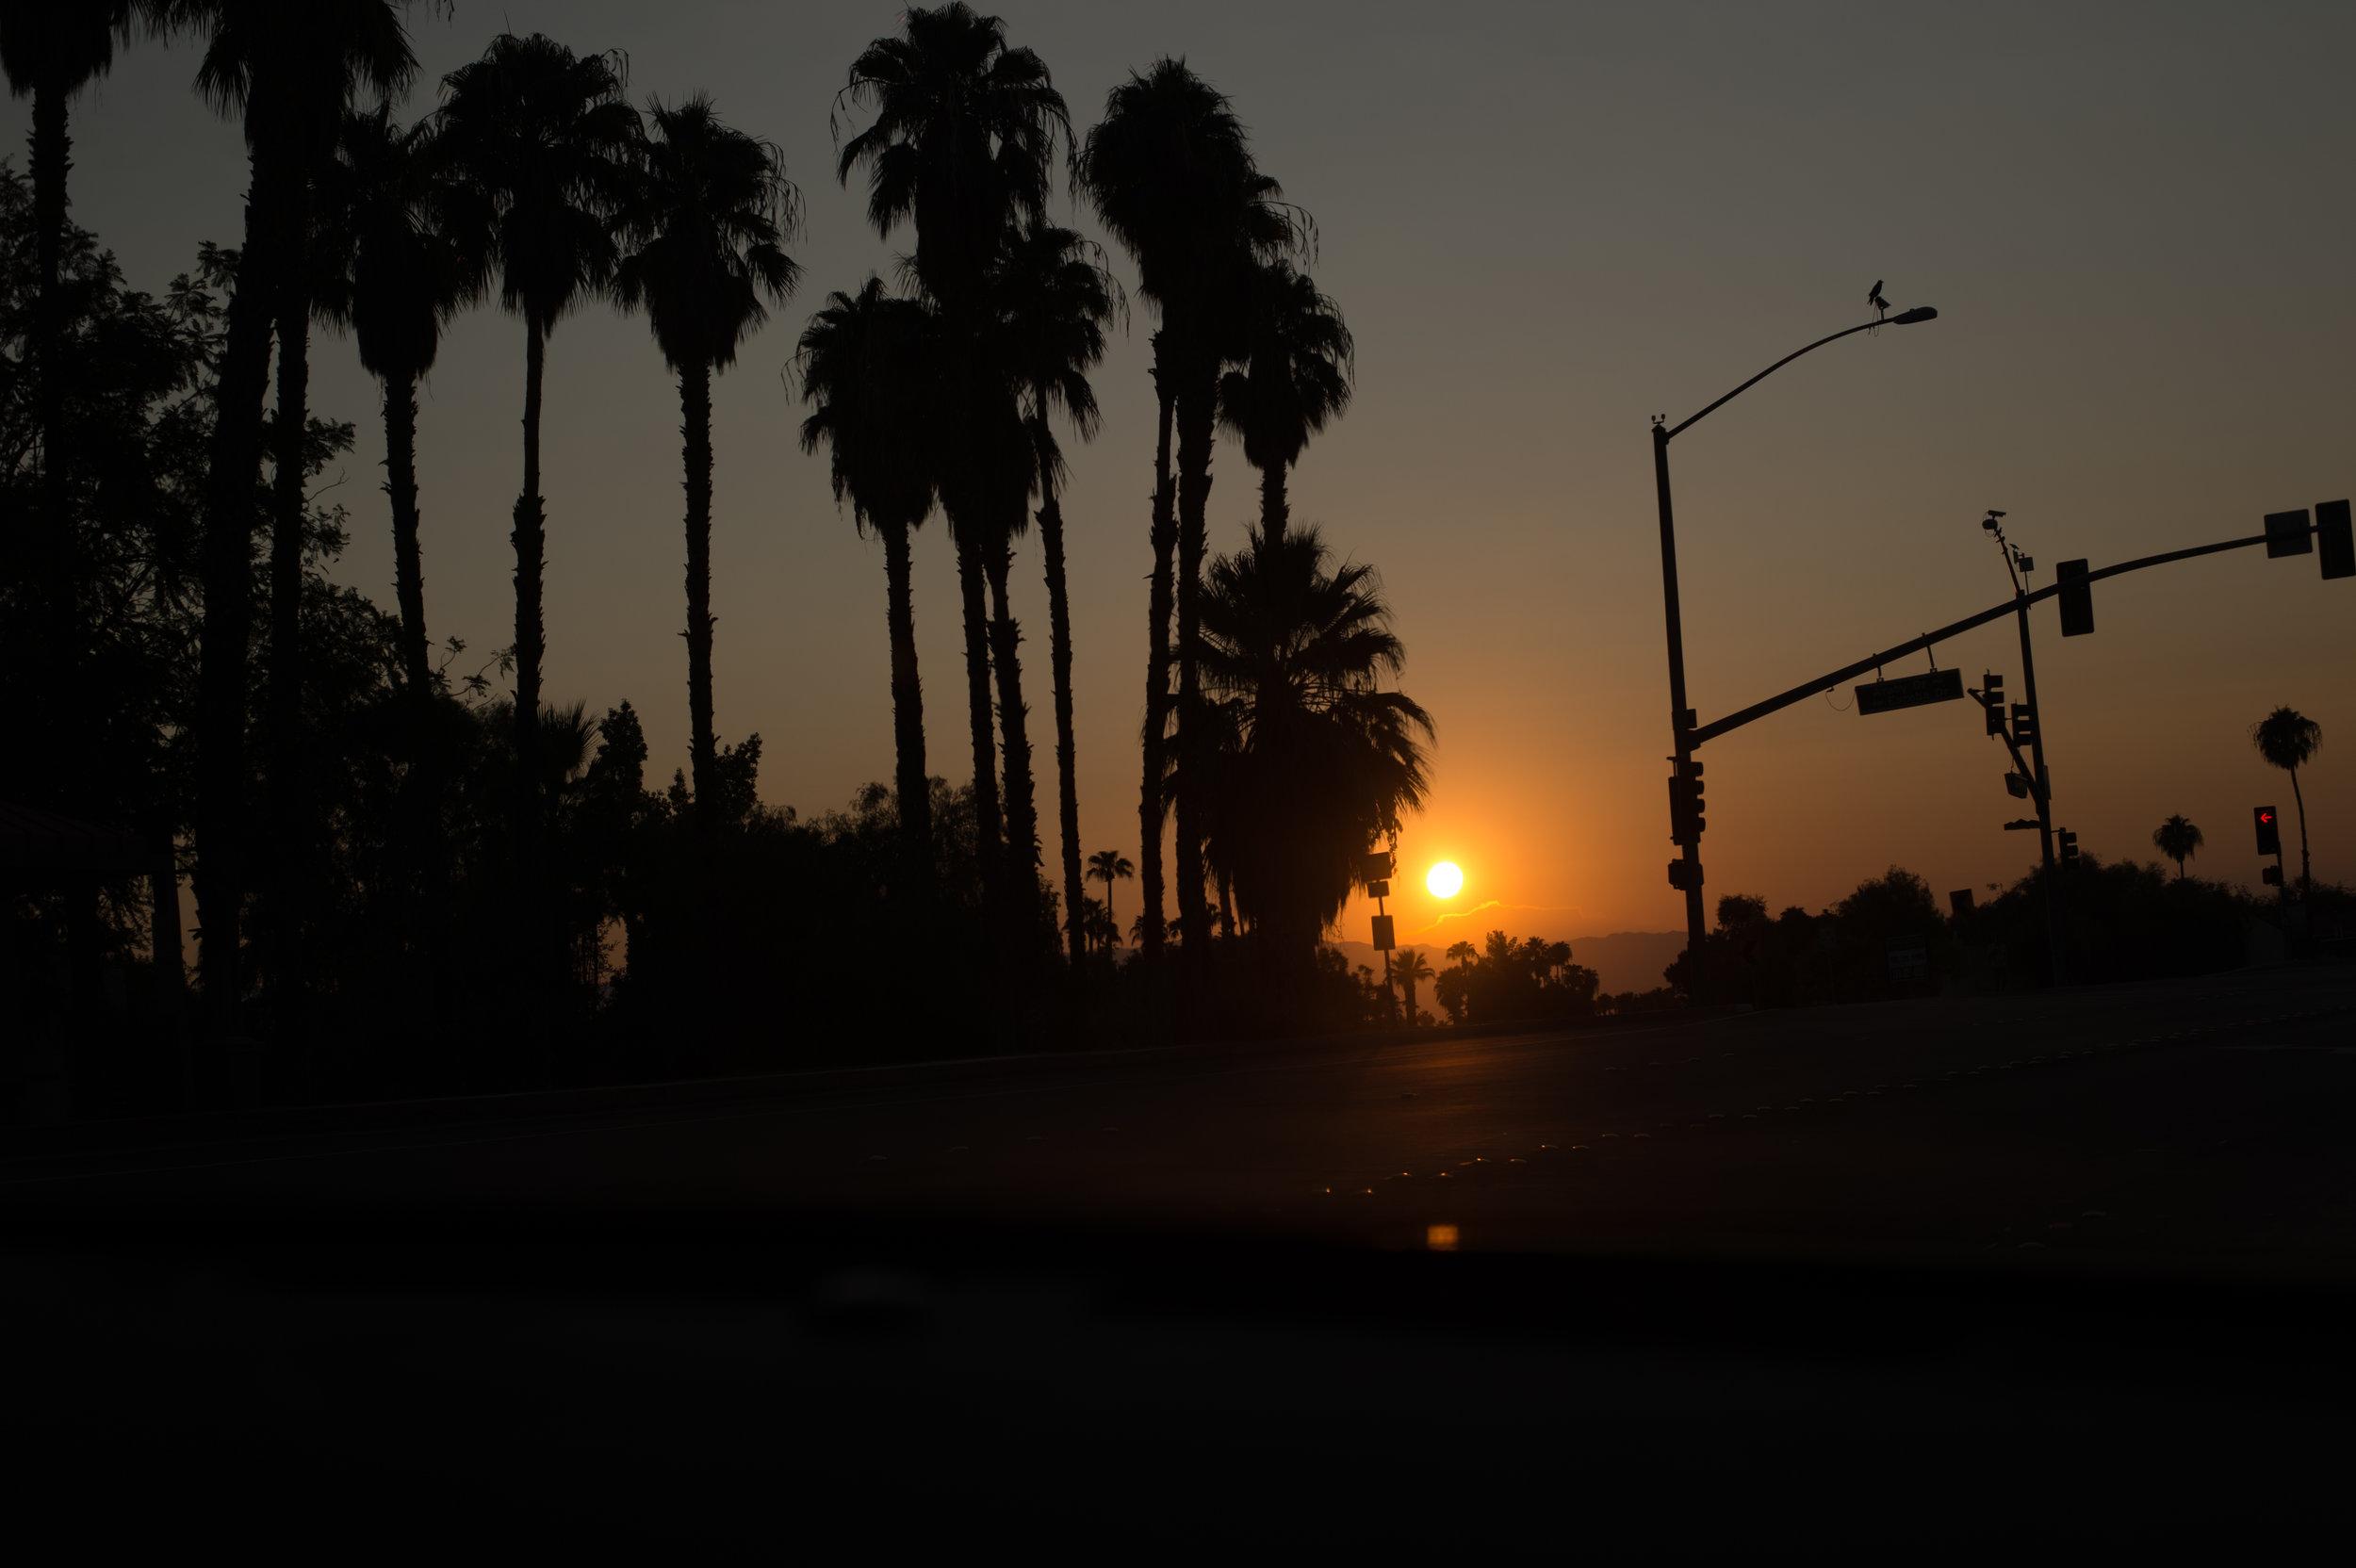 The-Glossier-Palm-Springs-CA-1.jpg